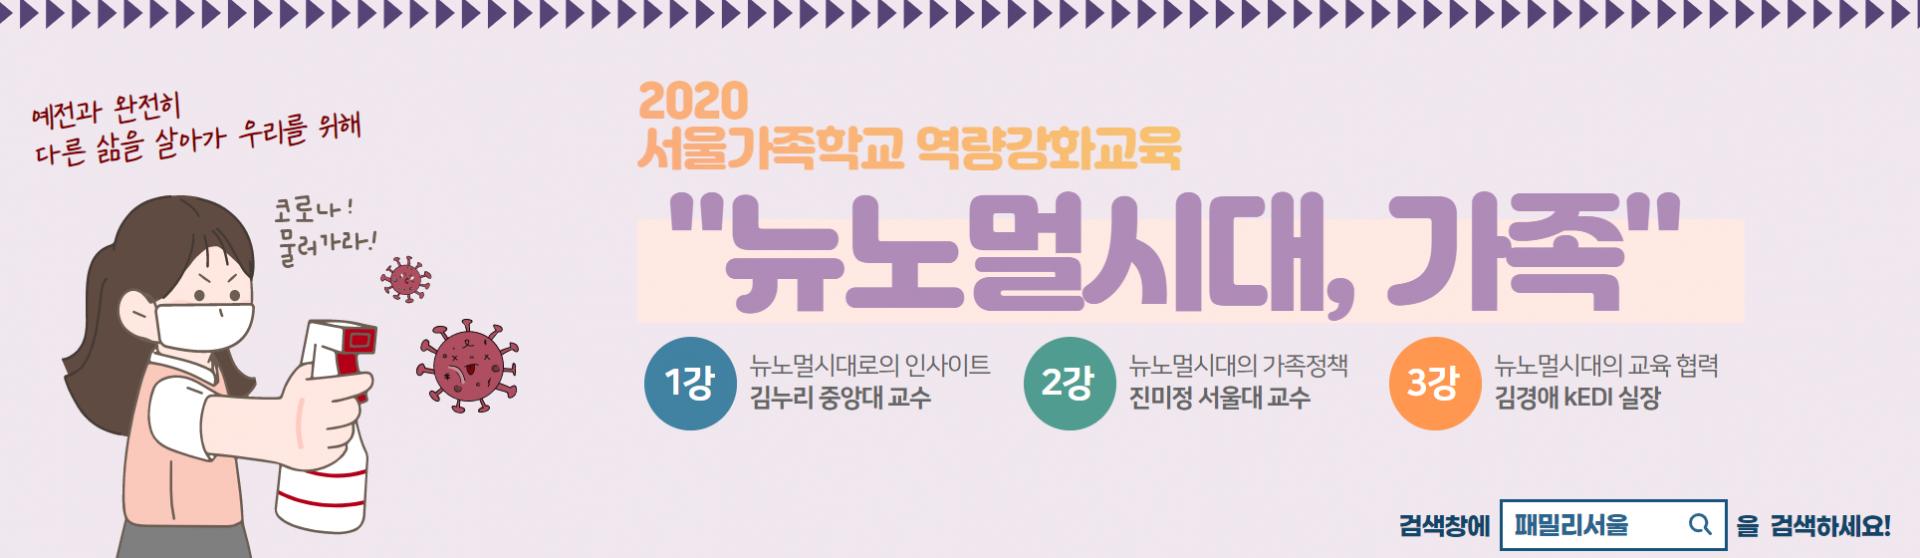 """2020 서울가족학교 역량강화교육 """"뉴노멀시대, 가족"""""""